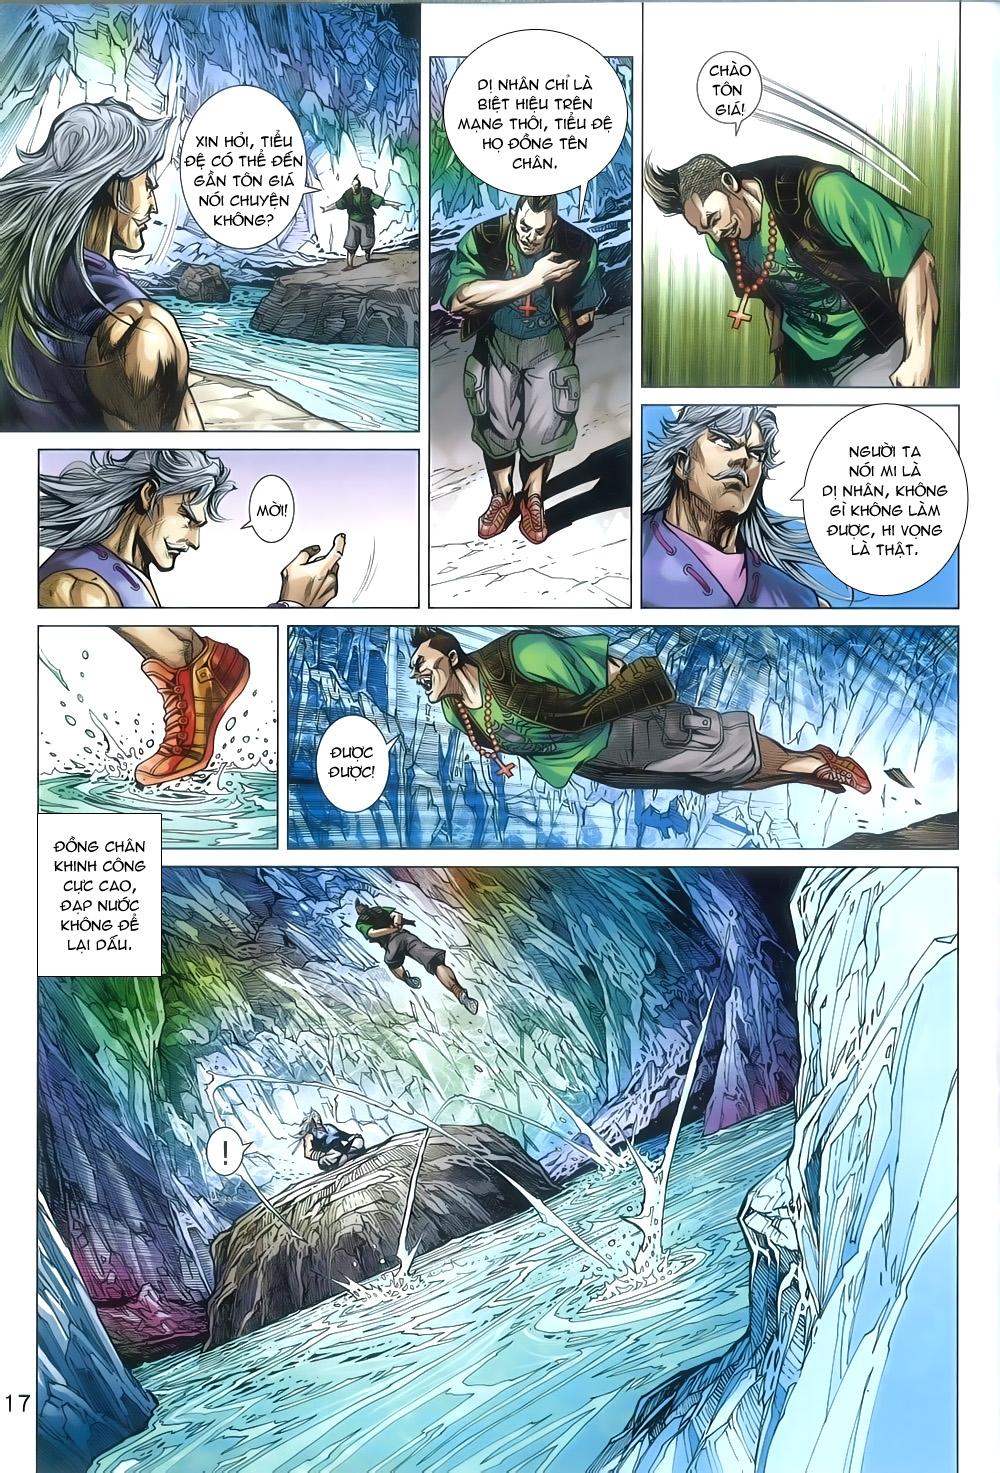 Tân Tác Long Hổ Môn chap 805 Trang 17 - Mangak.info